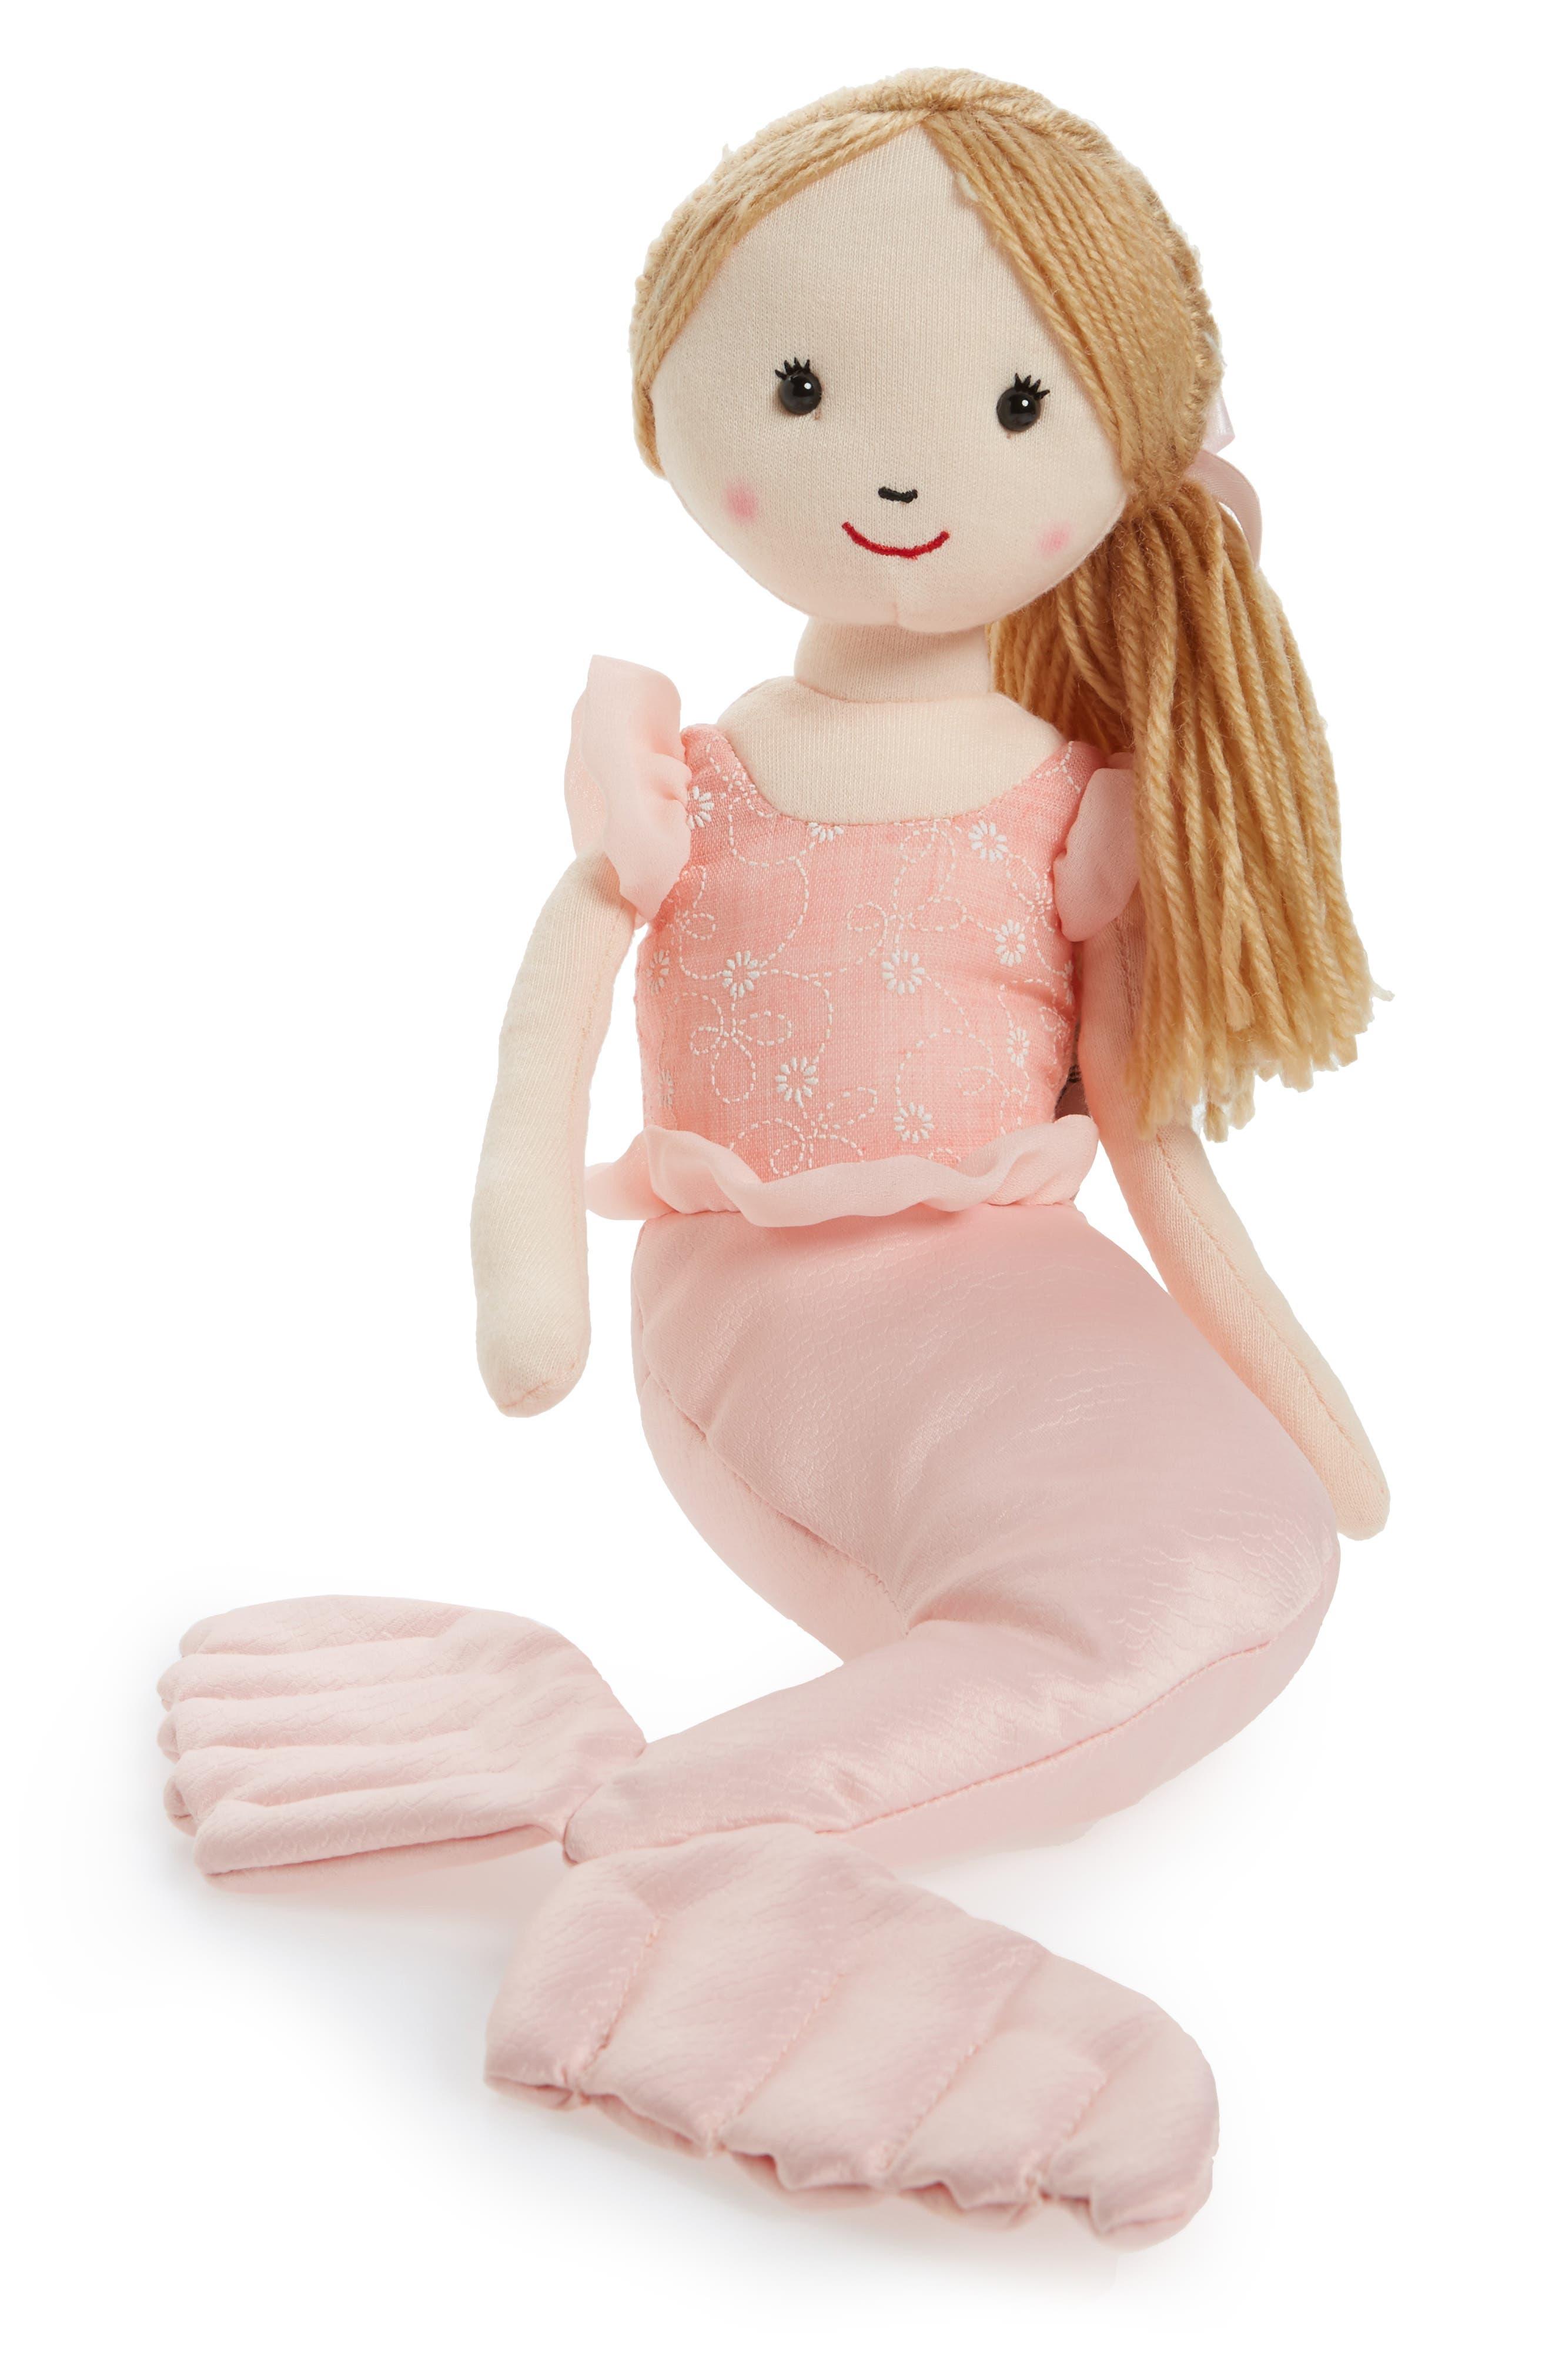 Jellycat Shellbelle - Mermaid Millie Stuffed Toy